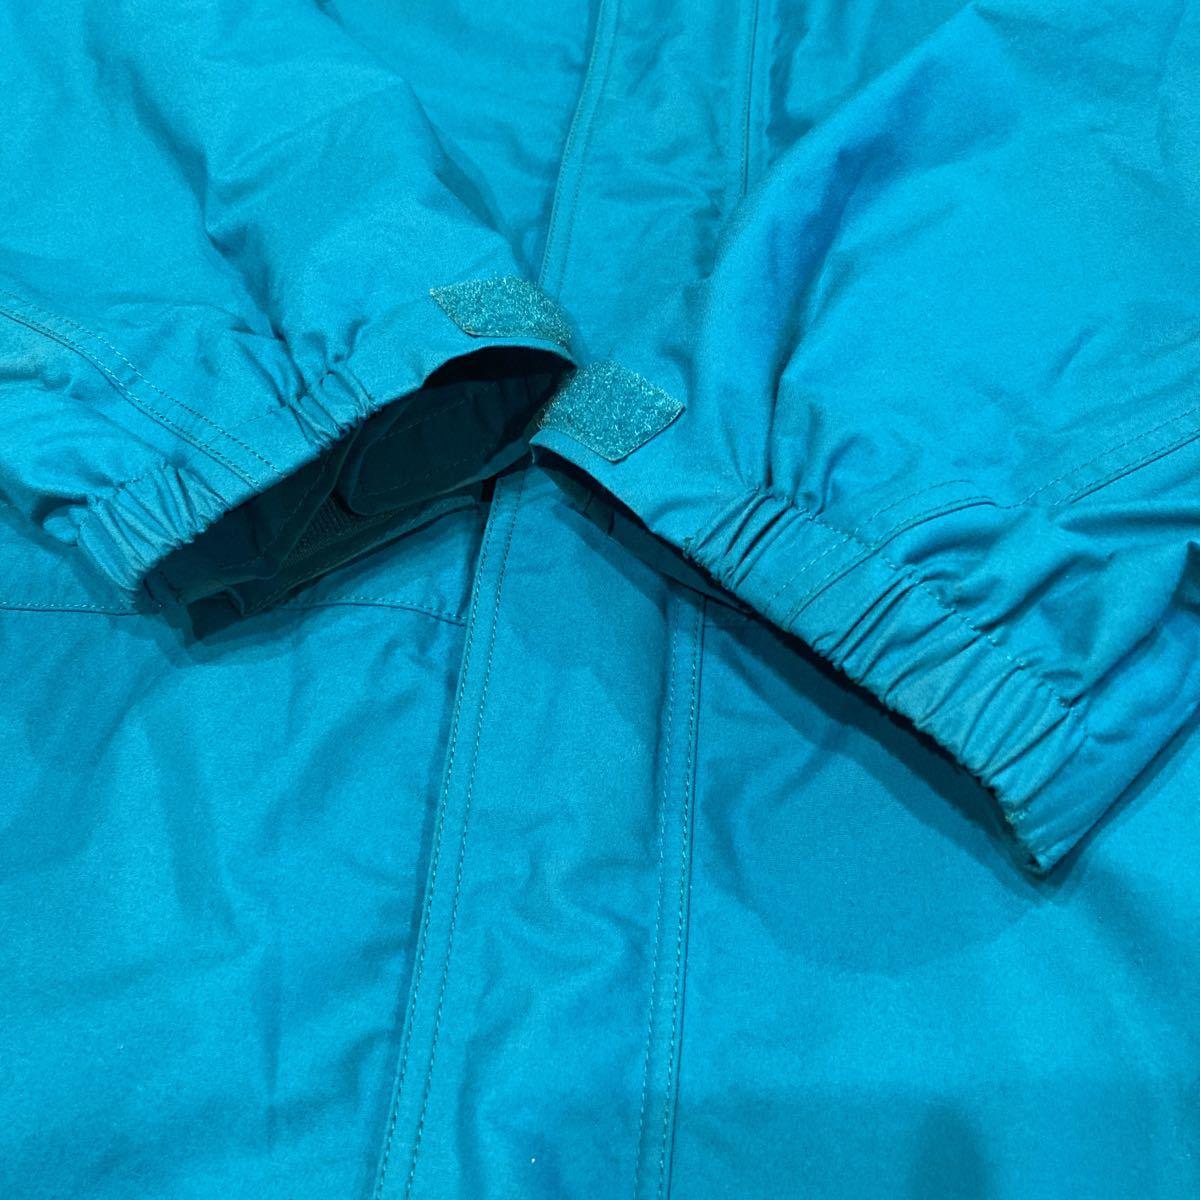 キレイ! patagonia 00年 ストームジャケット L エメラルドグリーン パタゴニア storm jacket マウンテンパーカー ナイロンジャケット_画像3